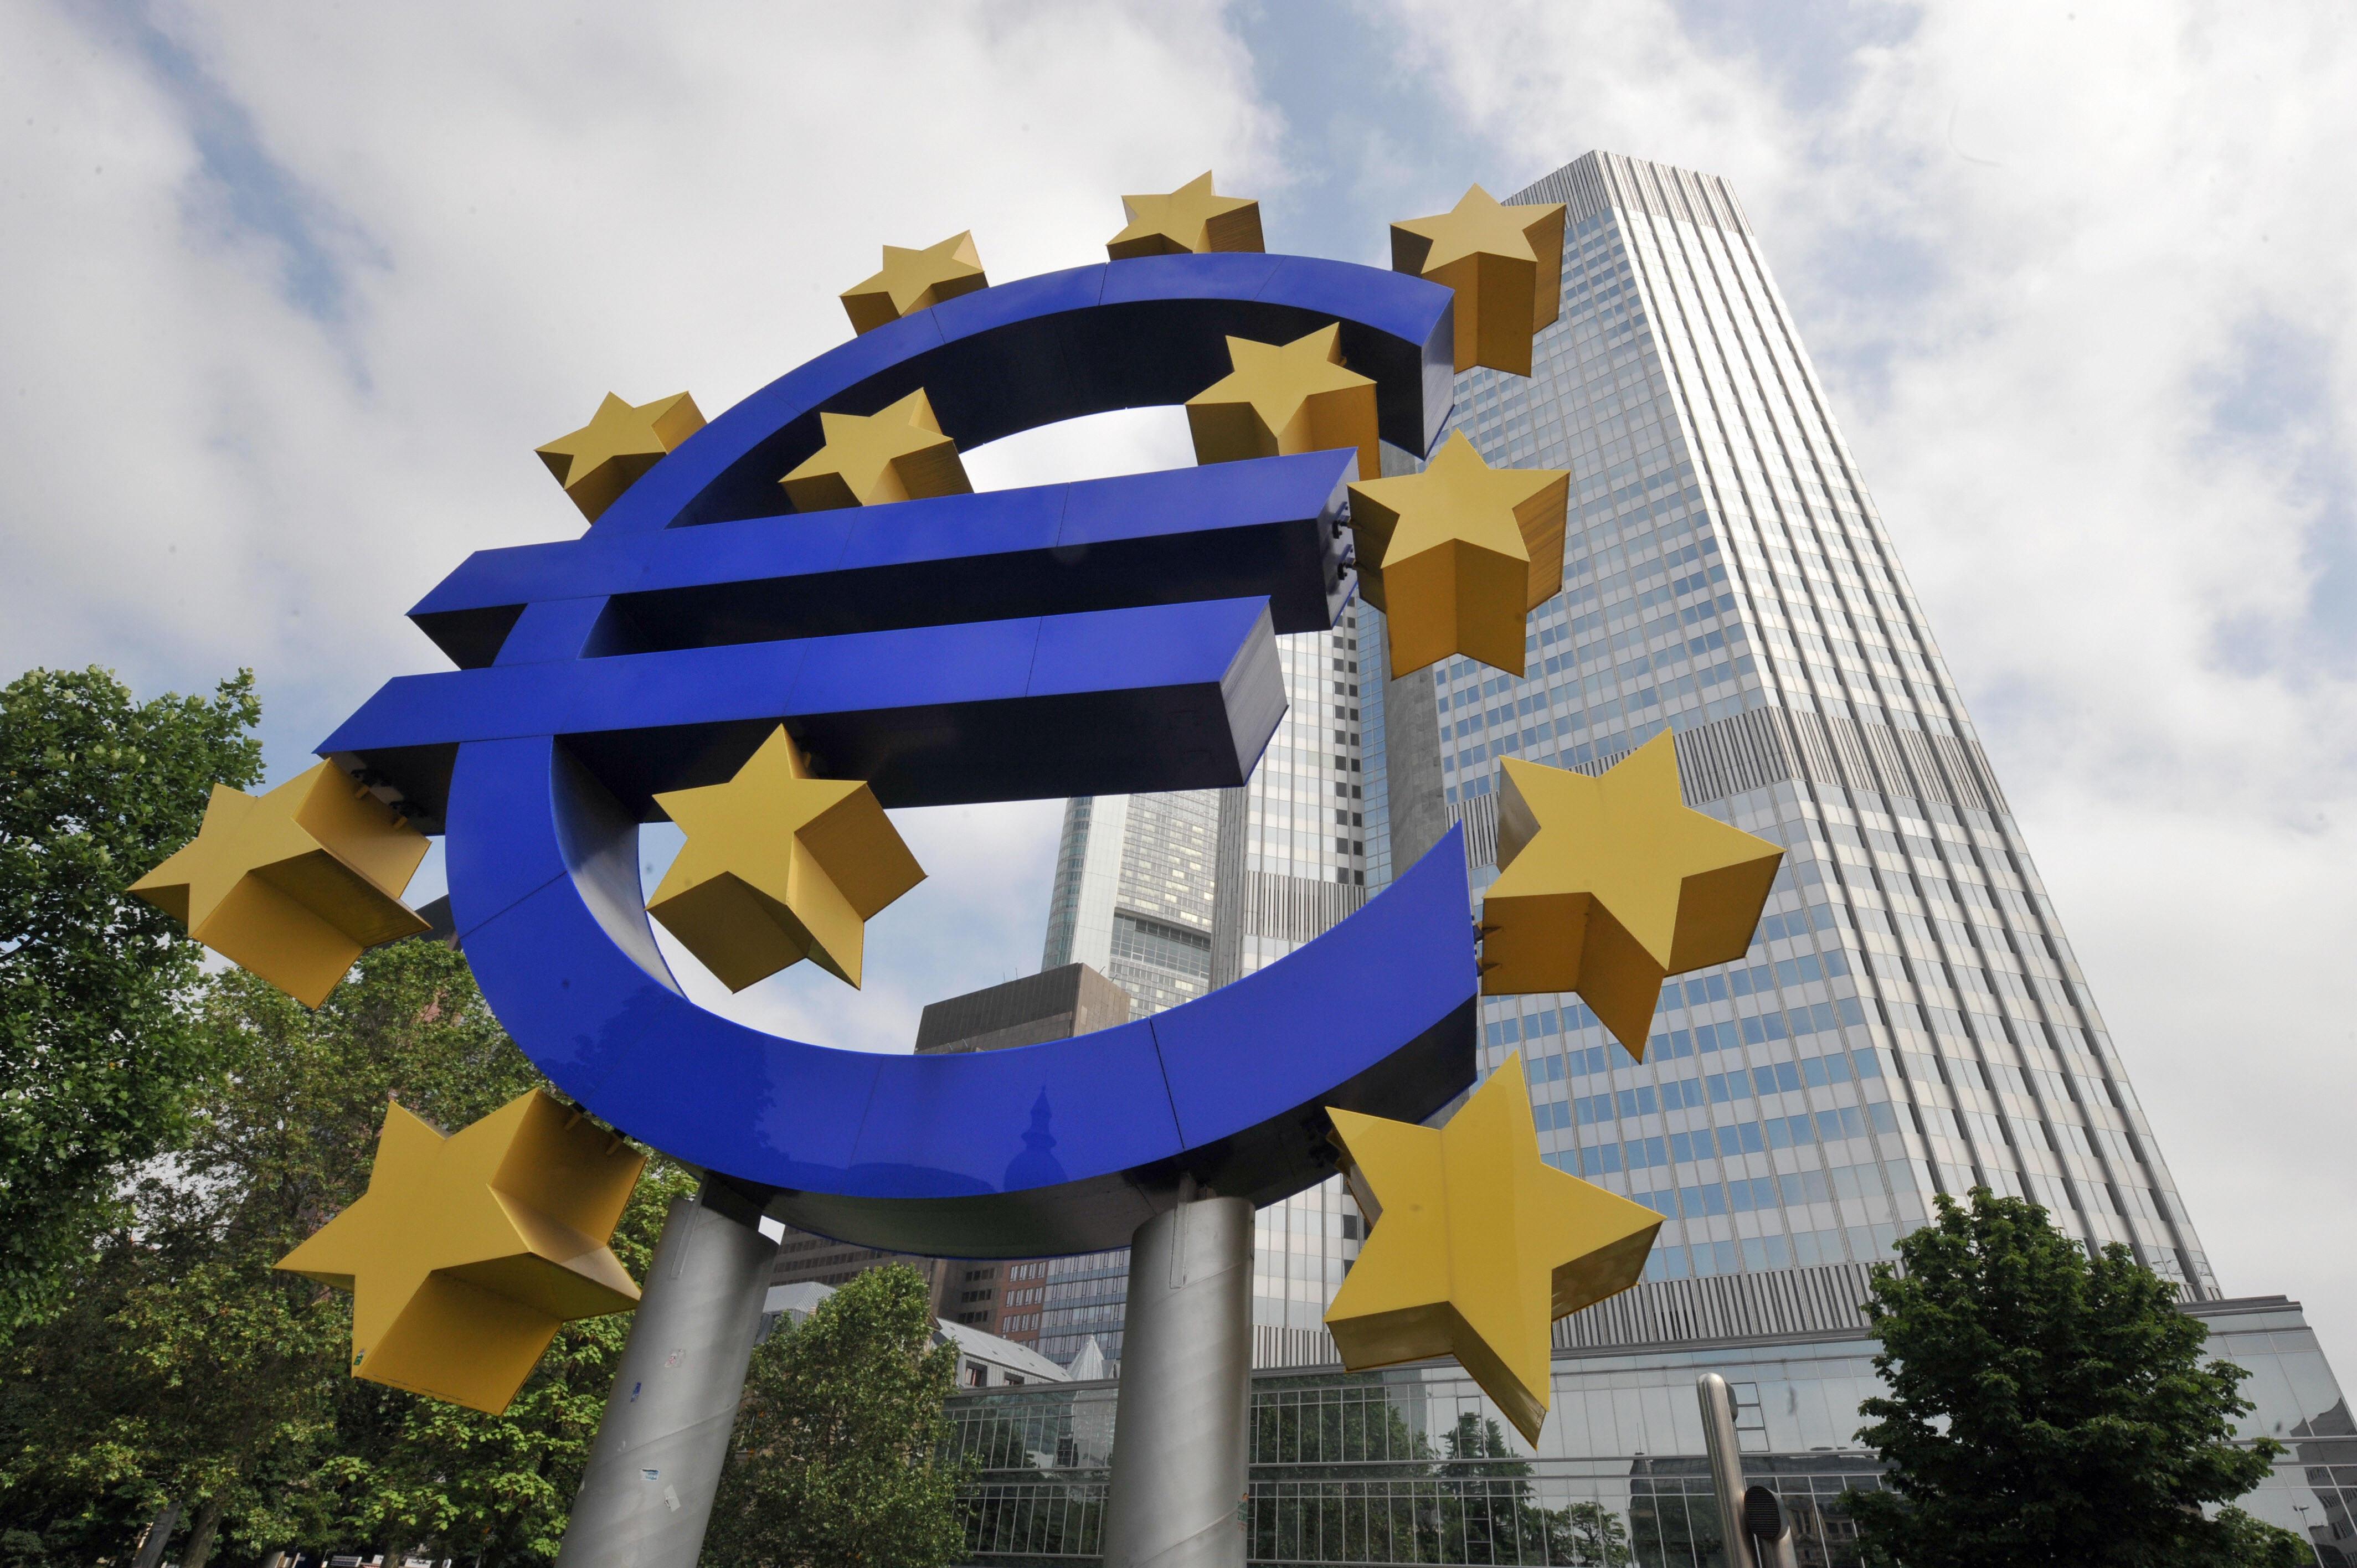 在G20峰會前,中共高級官員密集訪問歐洲重要國家,希望與這些國家結盟,共同對抗美國特朗普政府的貿易政策。專家分析,歐盟支持特朗普,中共聯歐制美的意圖將無法實現。圖為在歐洲央行前的巨型歐盟標誌。(DOMINIQUE FAGET/AFP/Getty Images)